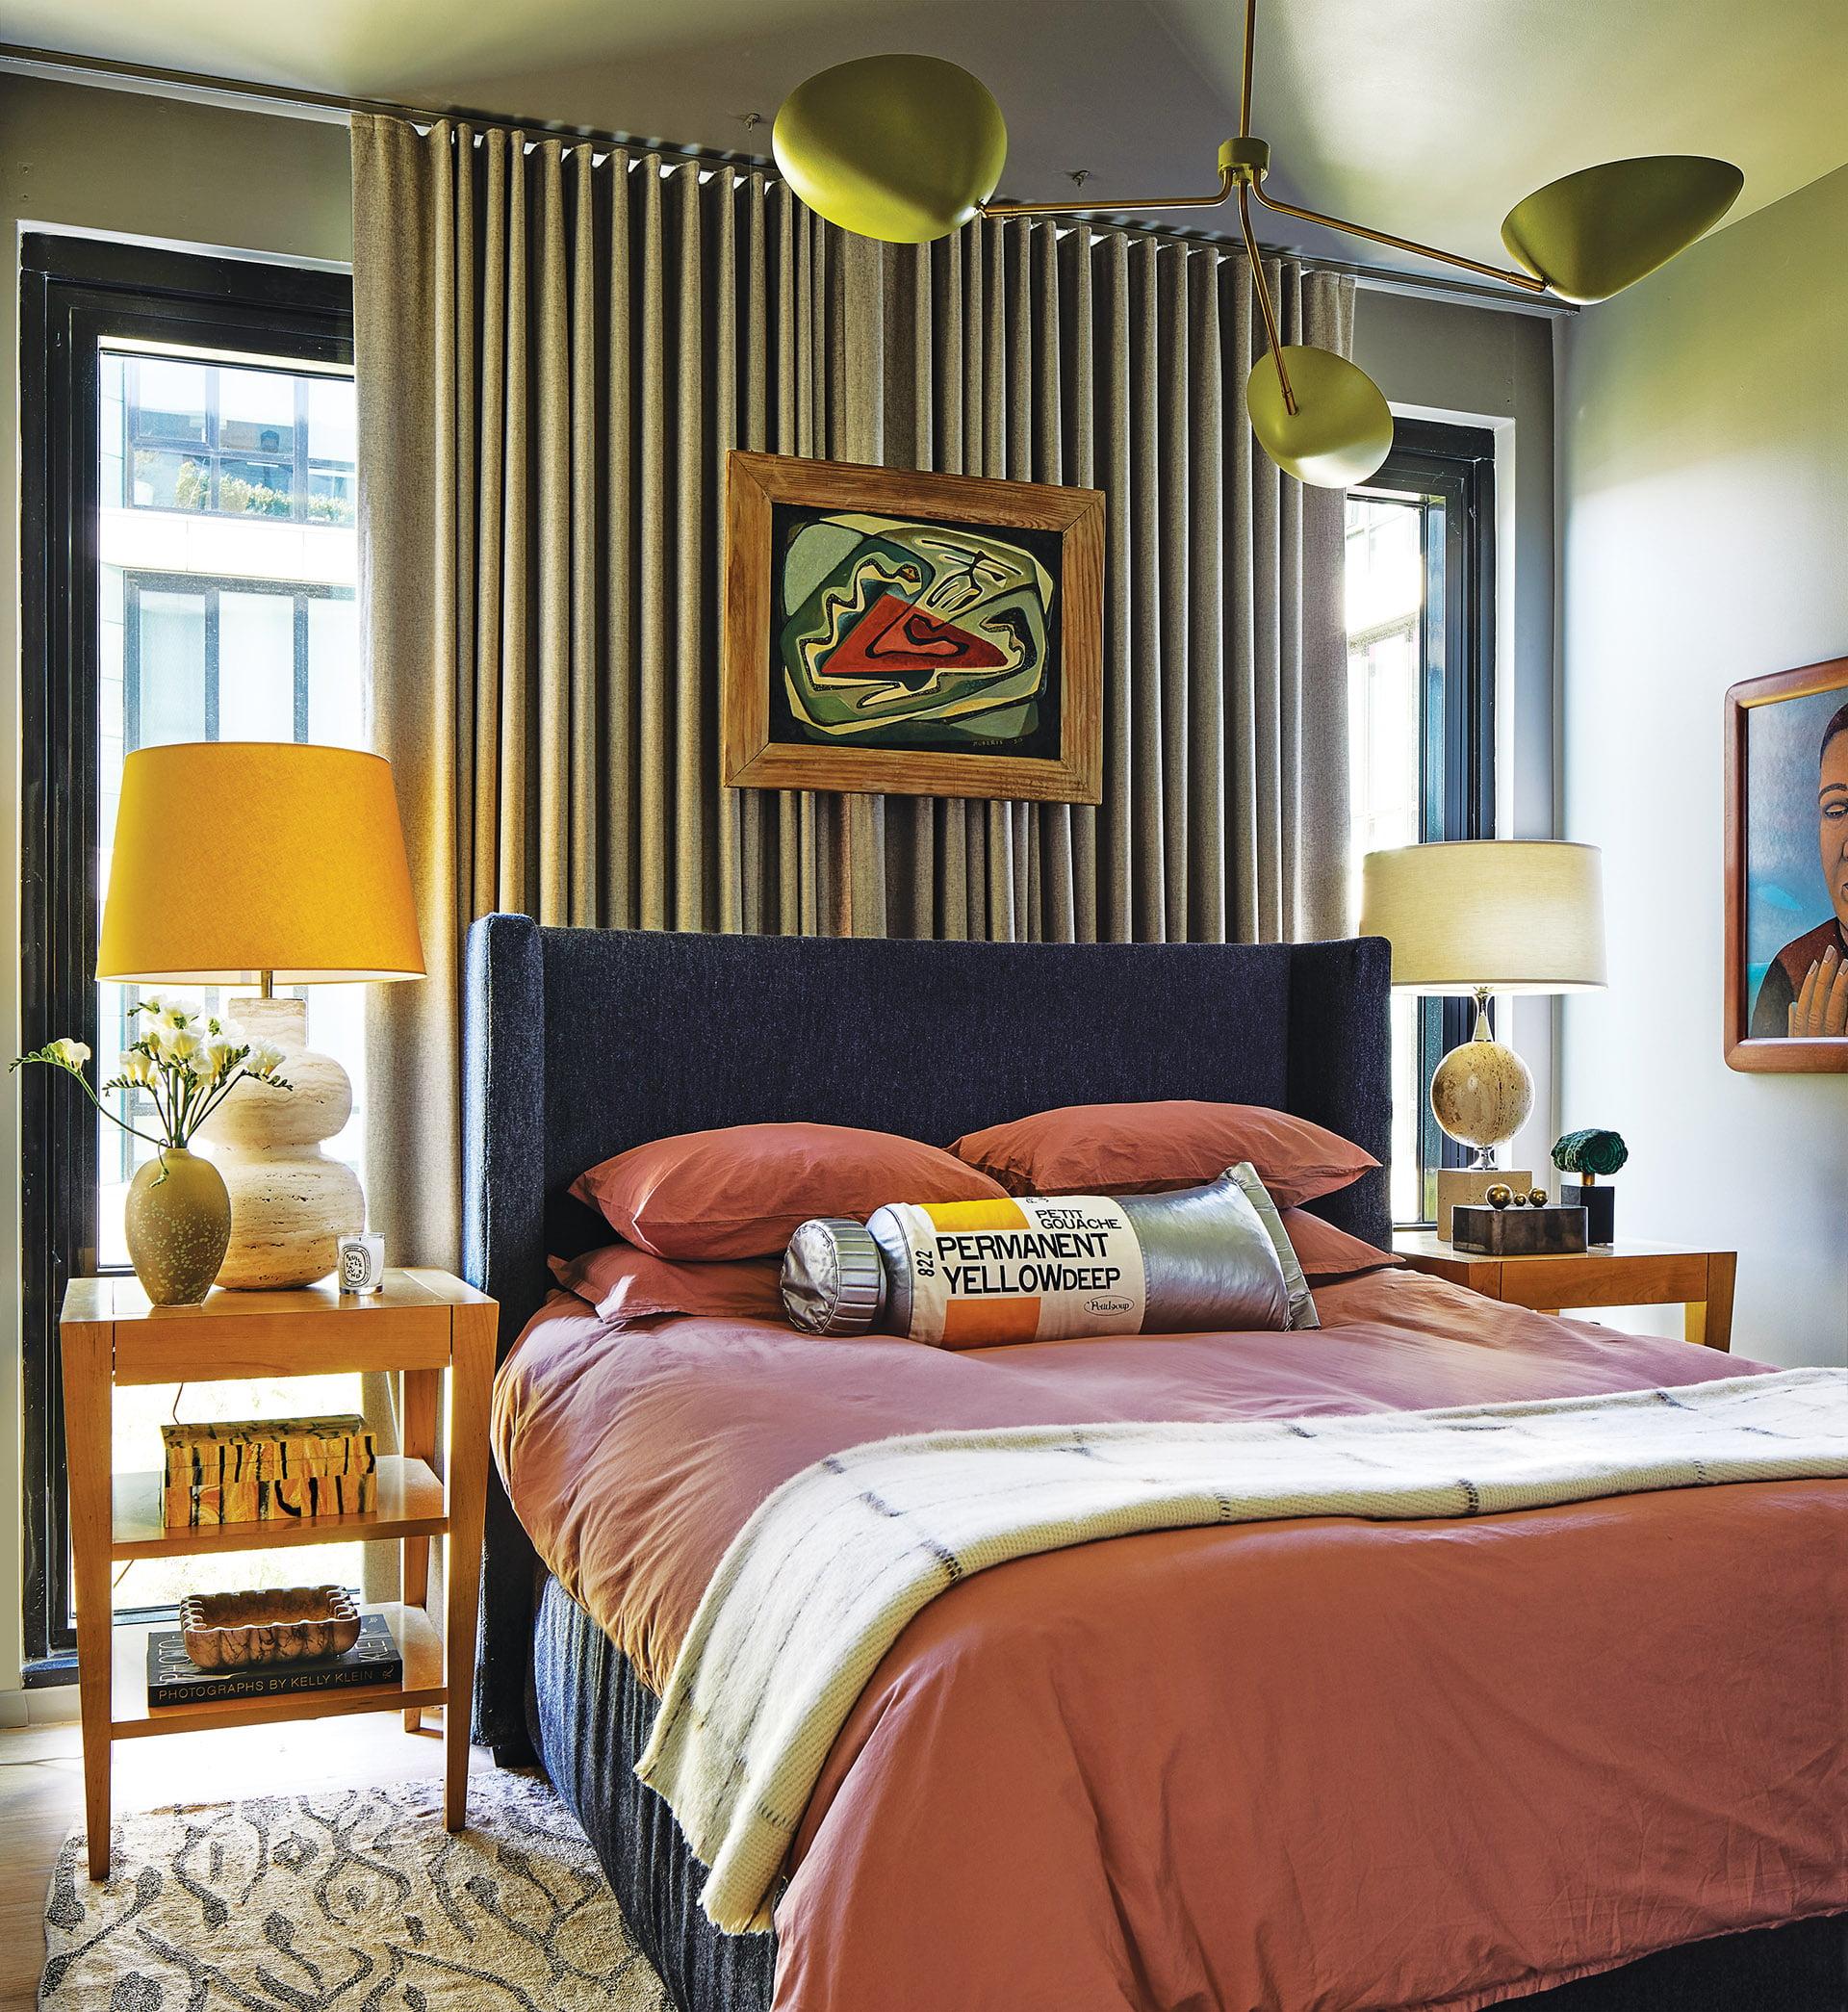 Time Travel - tom-preston-bedroom-drapes